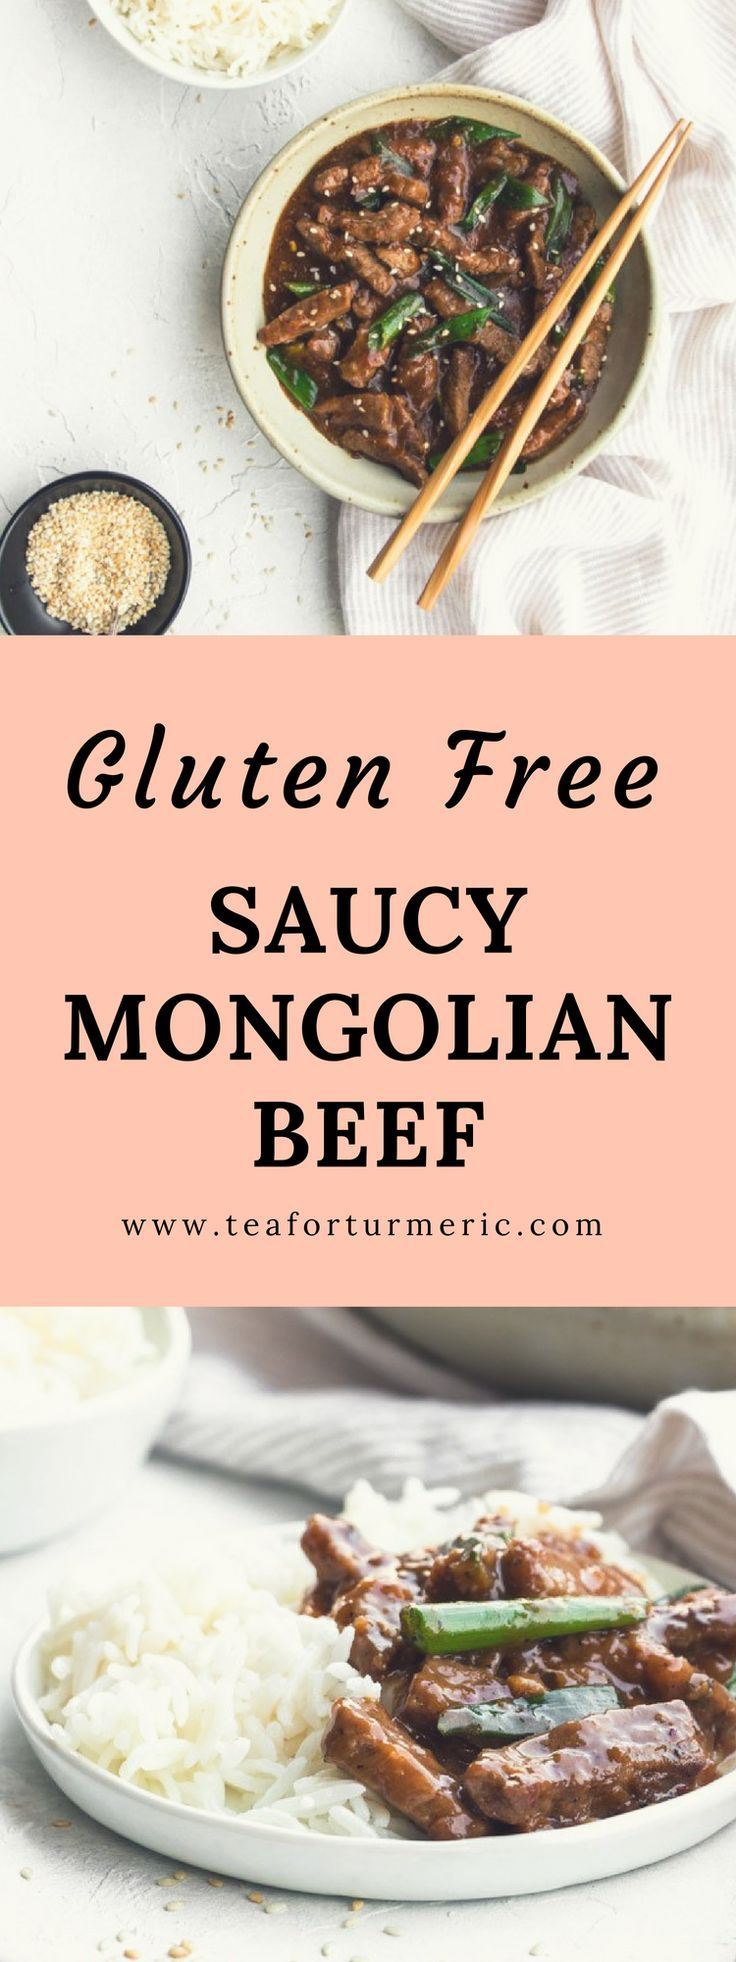 Saucy Mongolian Beef (GlutenFree) + Saveur Blog Award